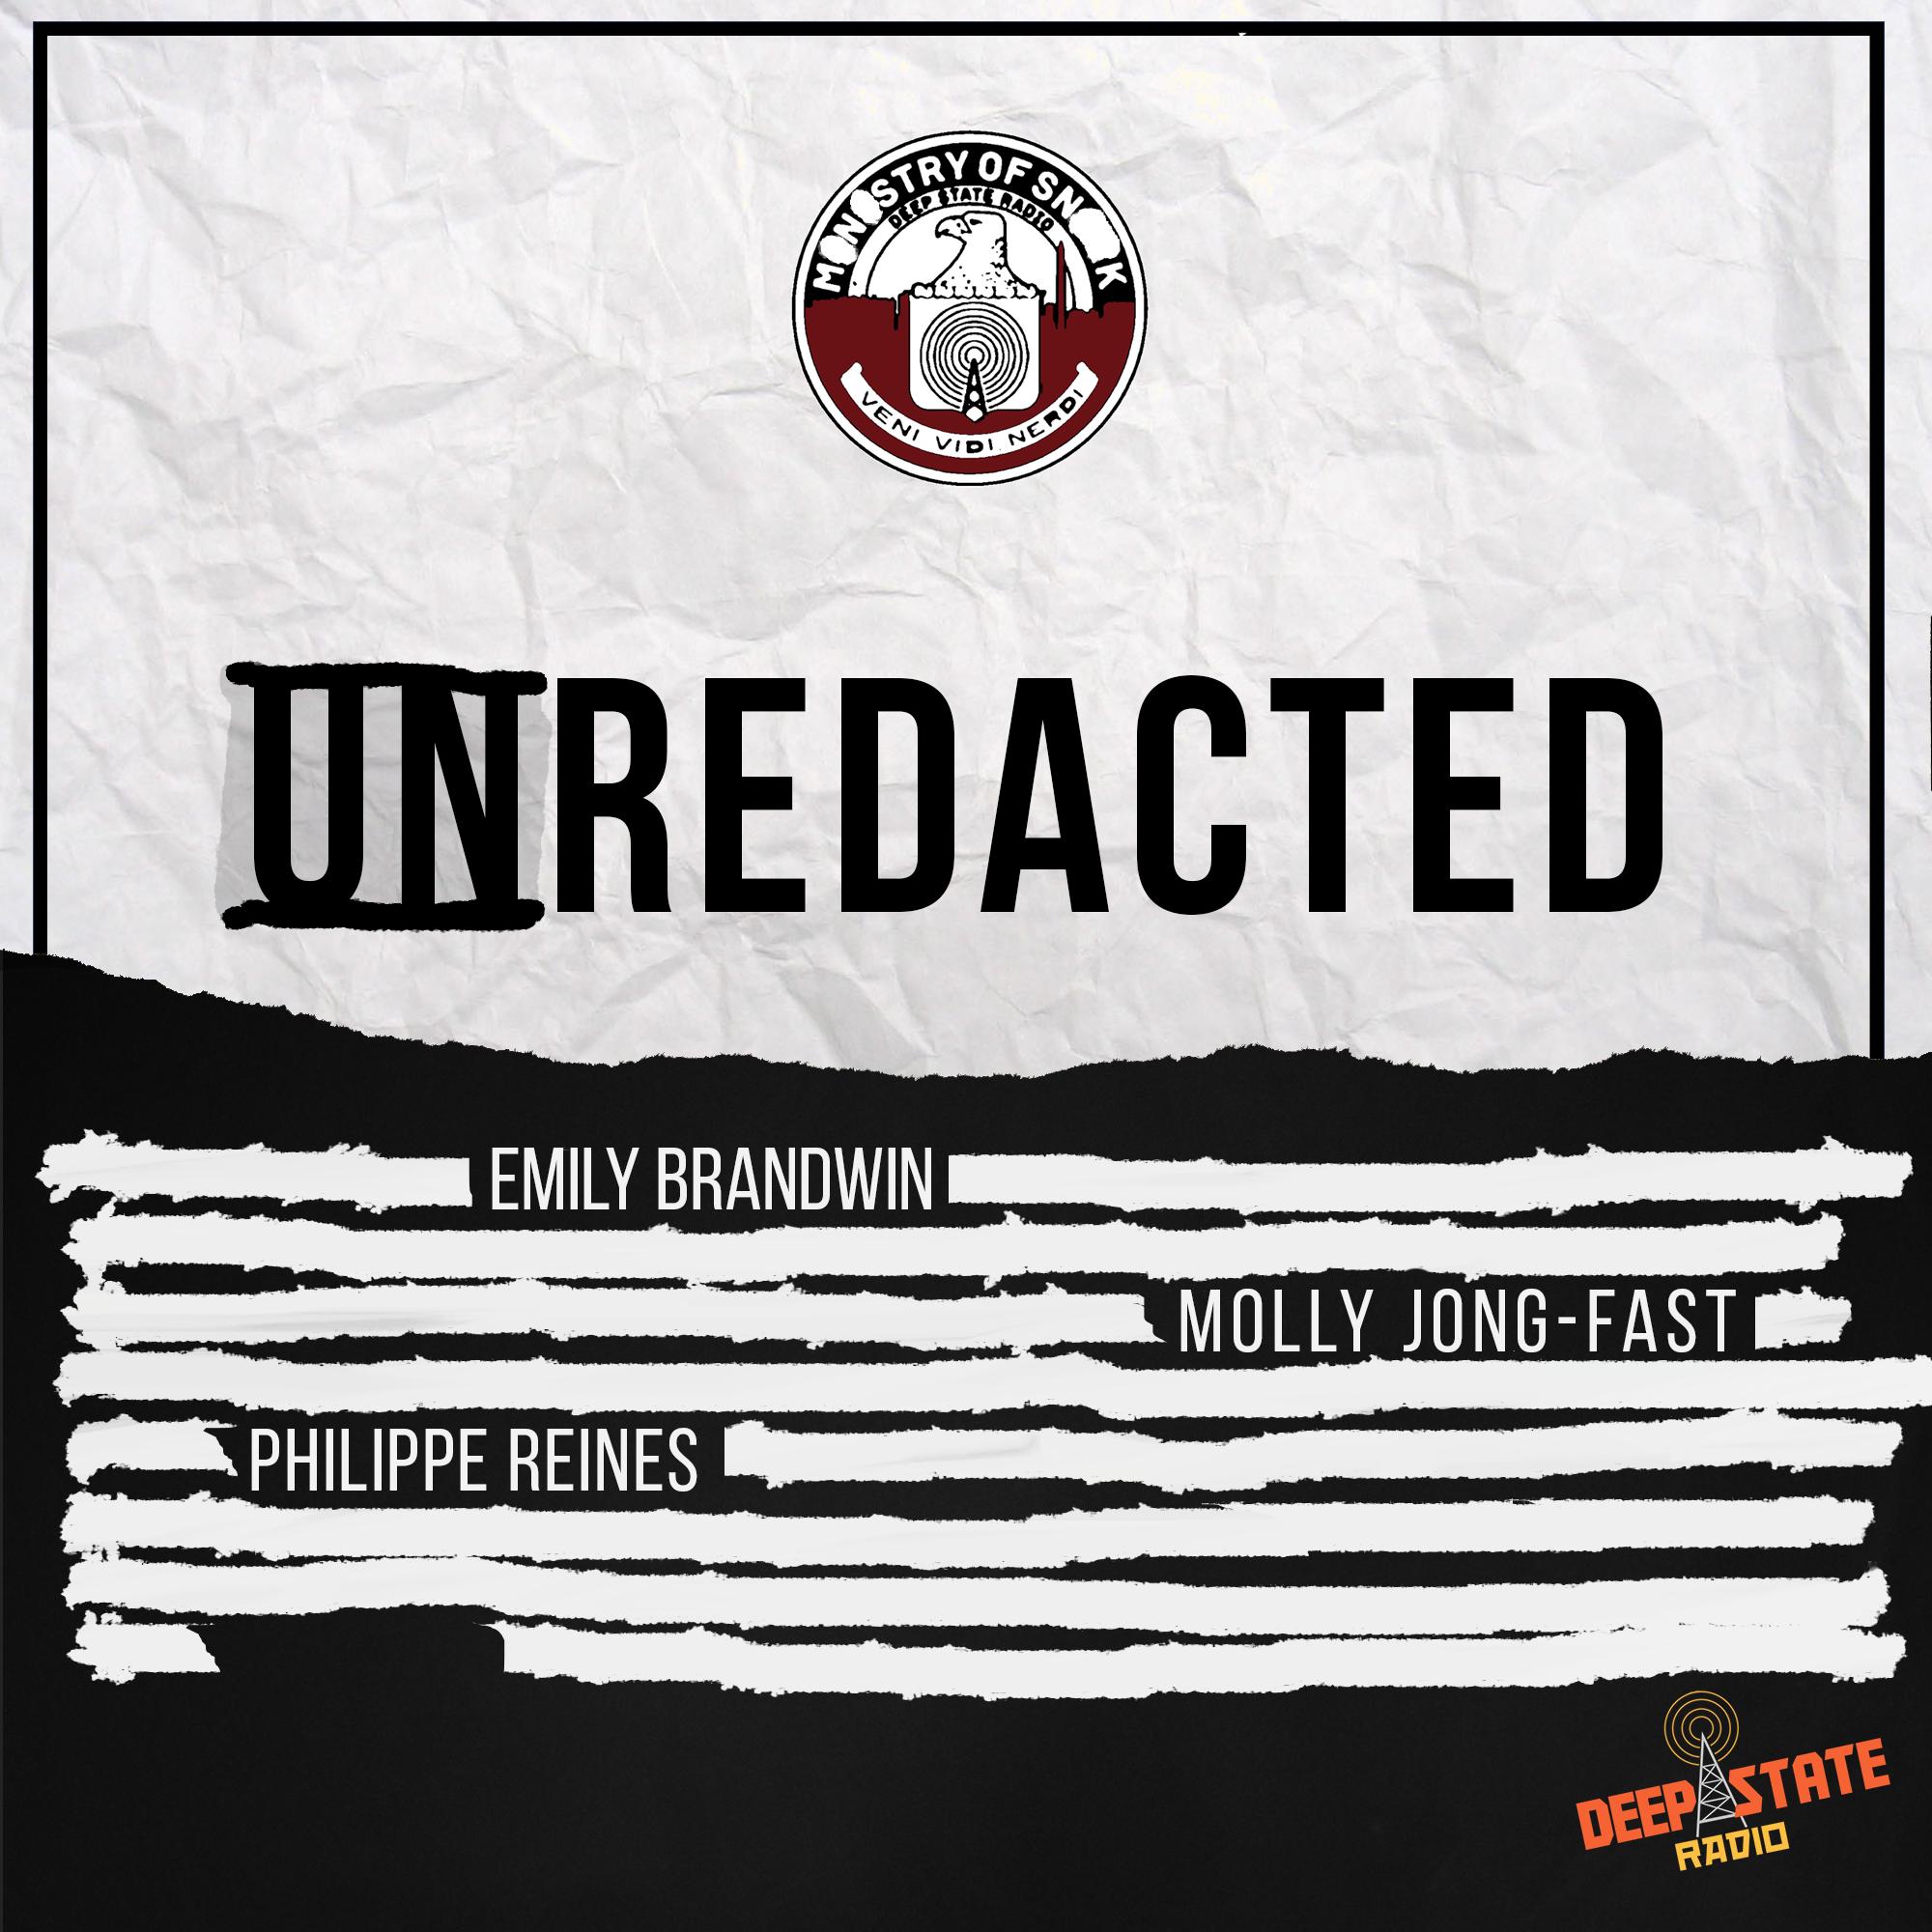 Unredacted 8-7.png